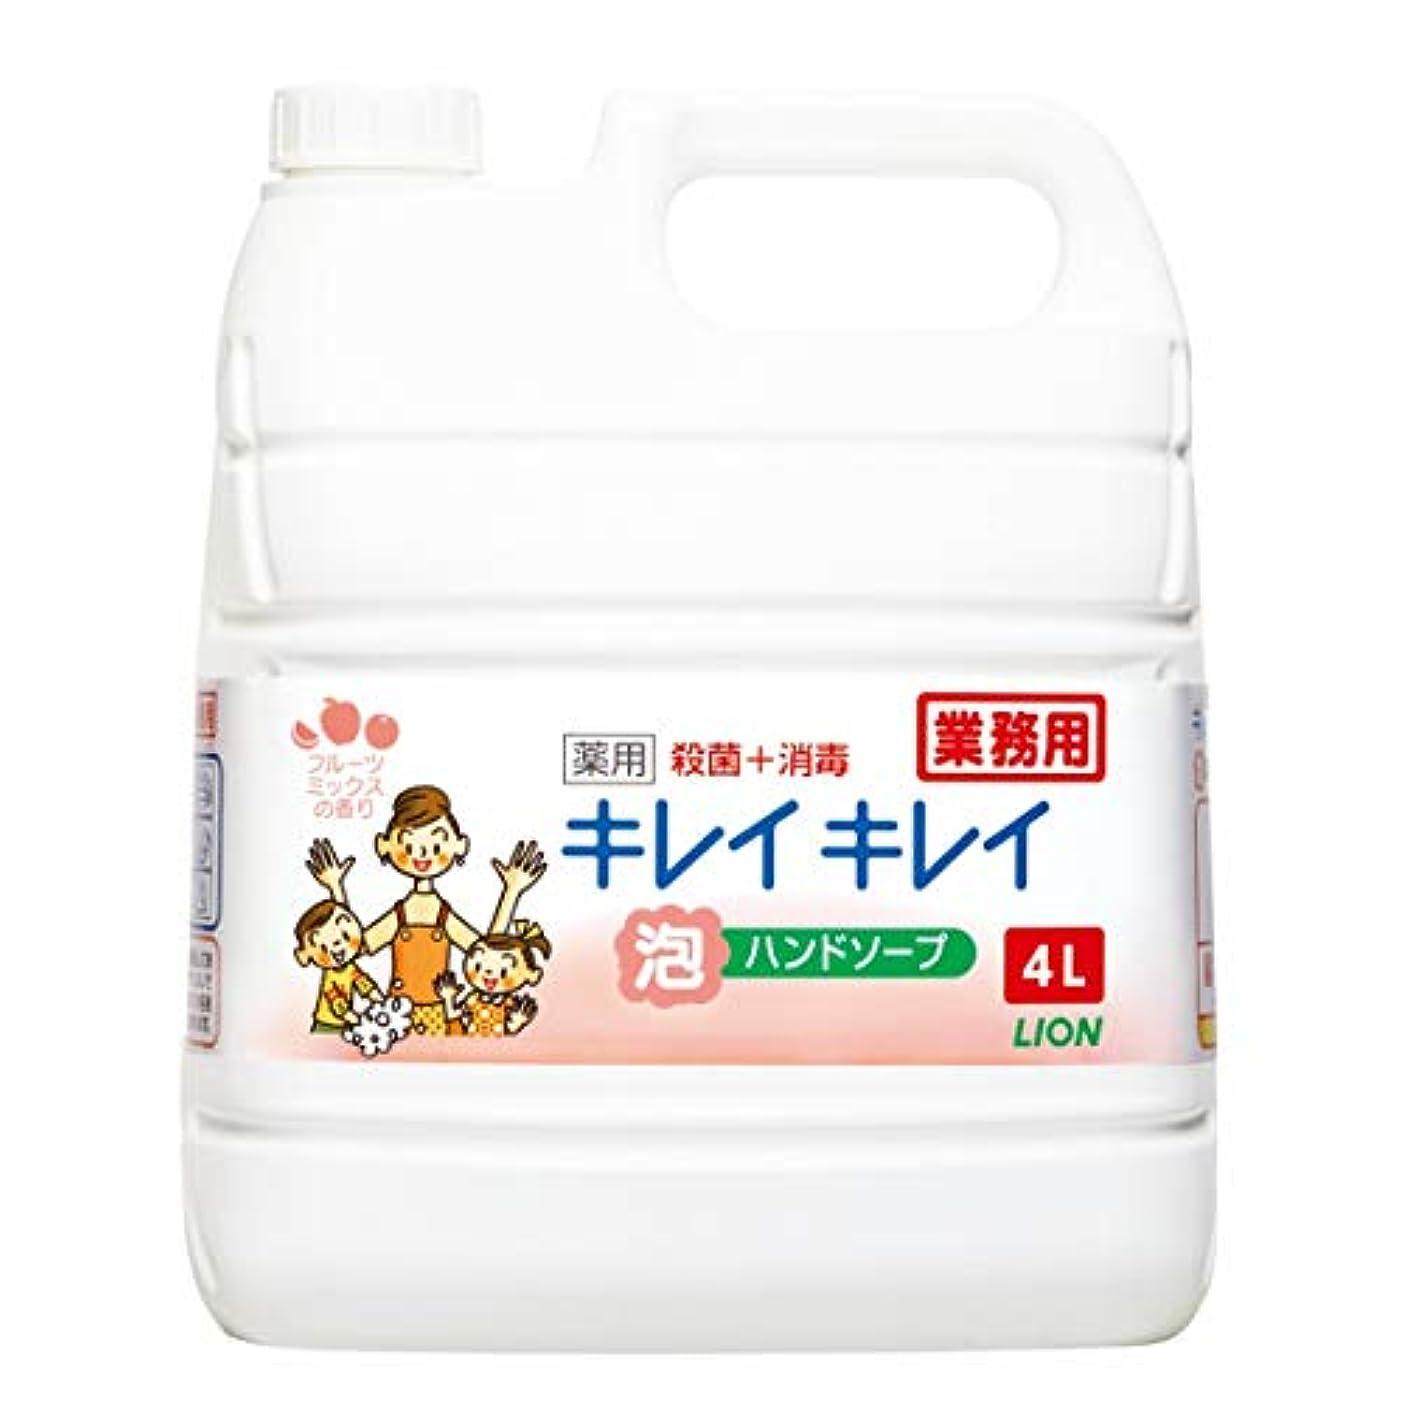 不従順圧縮する行く【業務用 大容量】キレイキレイ 薬用 泡ハンドソープフルーツミックスの香り 4L(医薬部外品)